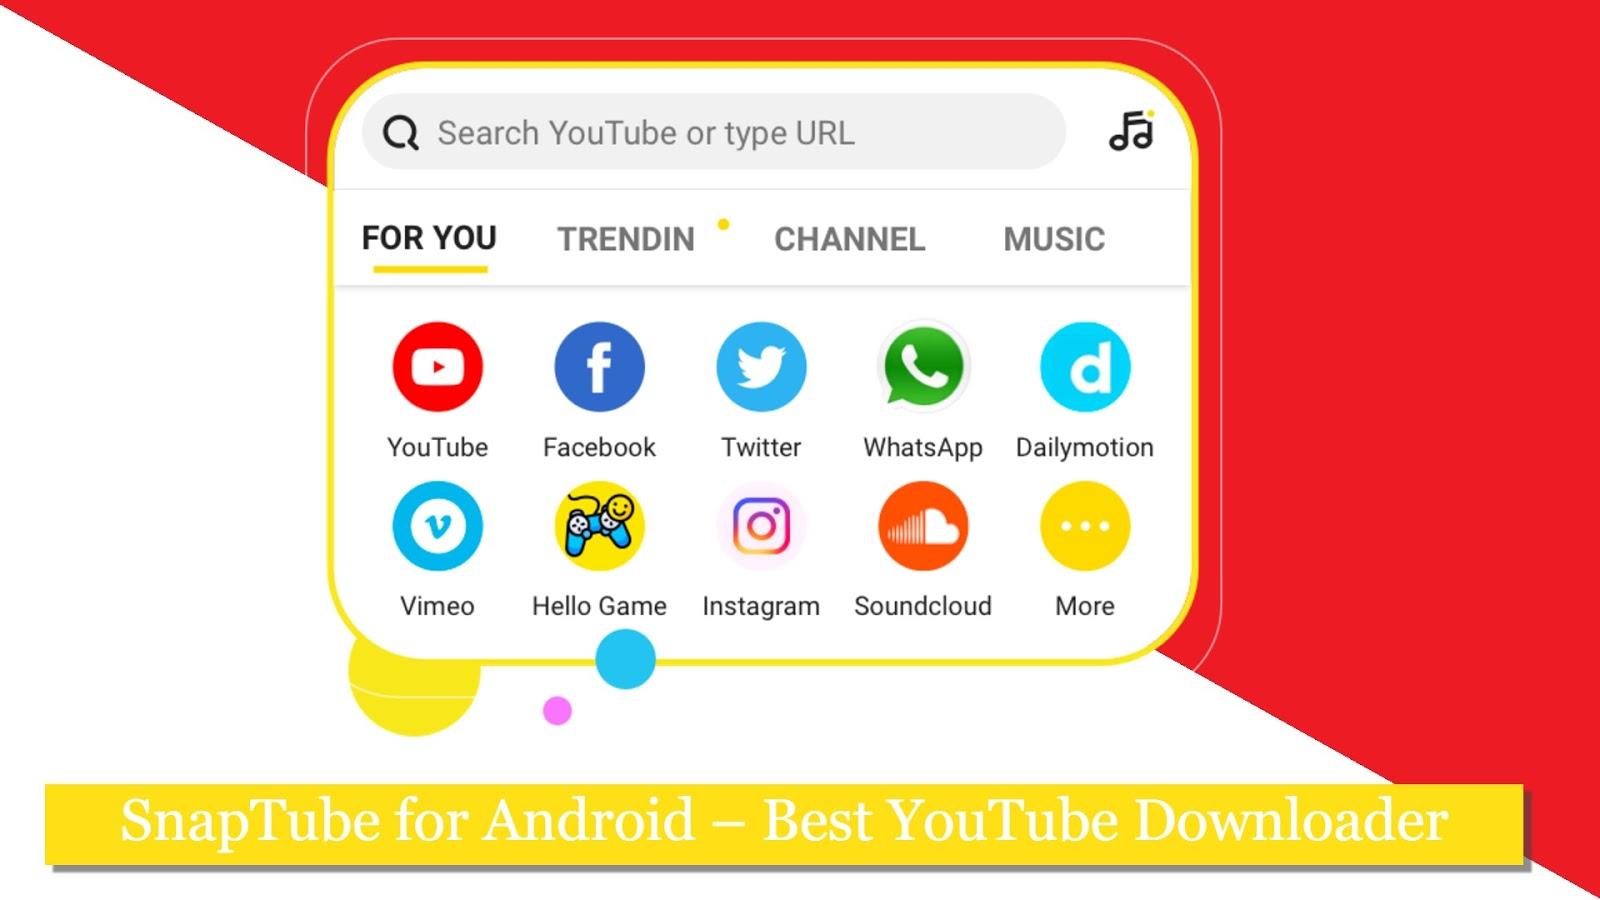 SnapTube for Android – Best YouTube Downloader ~ SnapTube